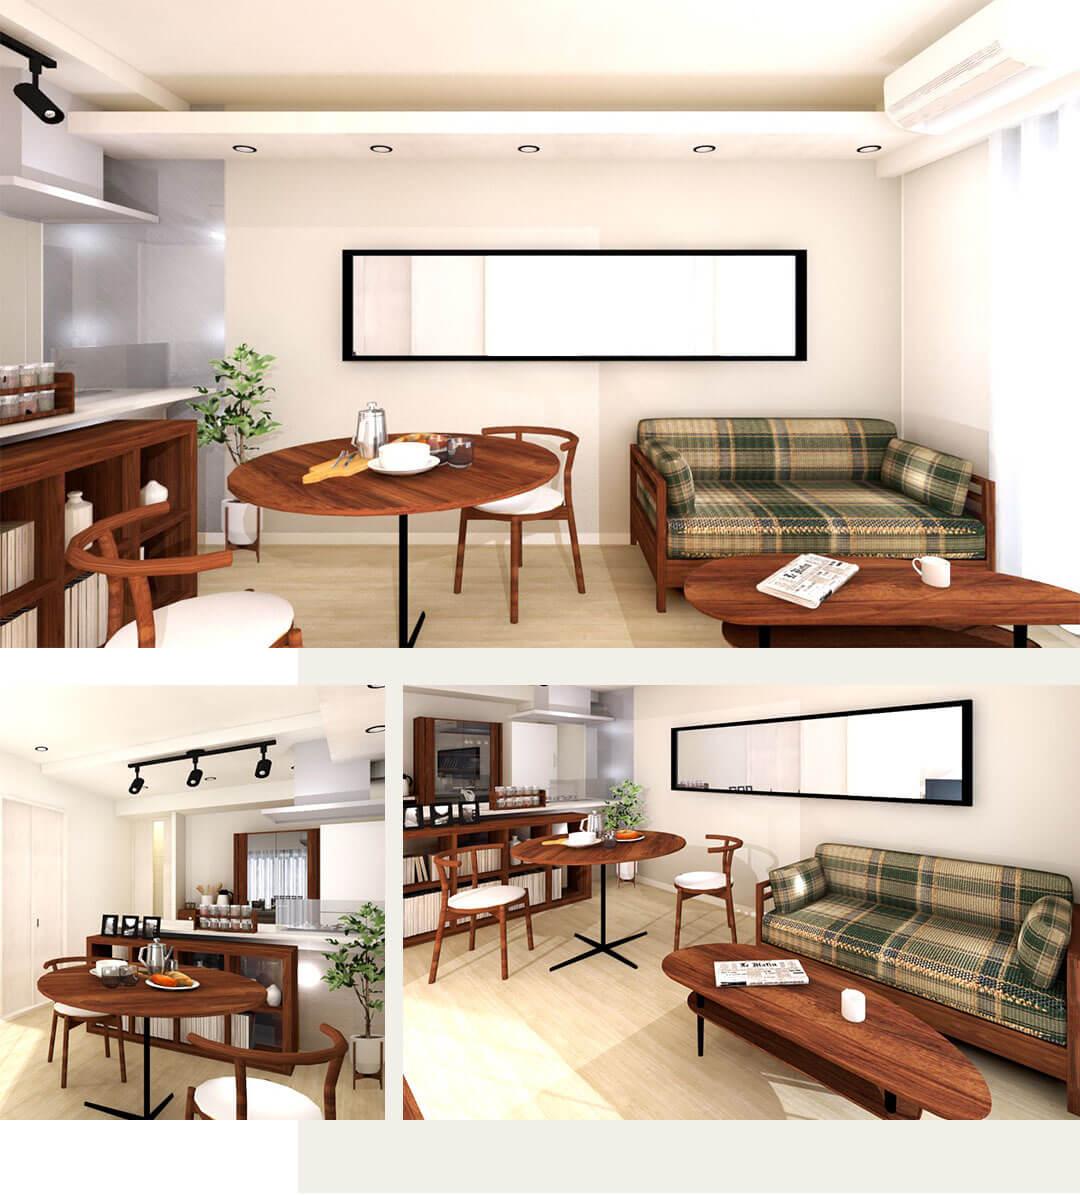 千石三丁目シティハウスのリビングダイニングキッチンの内装事例